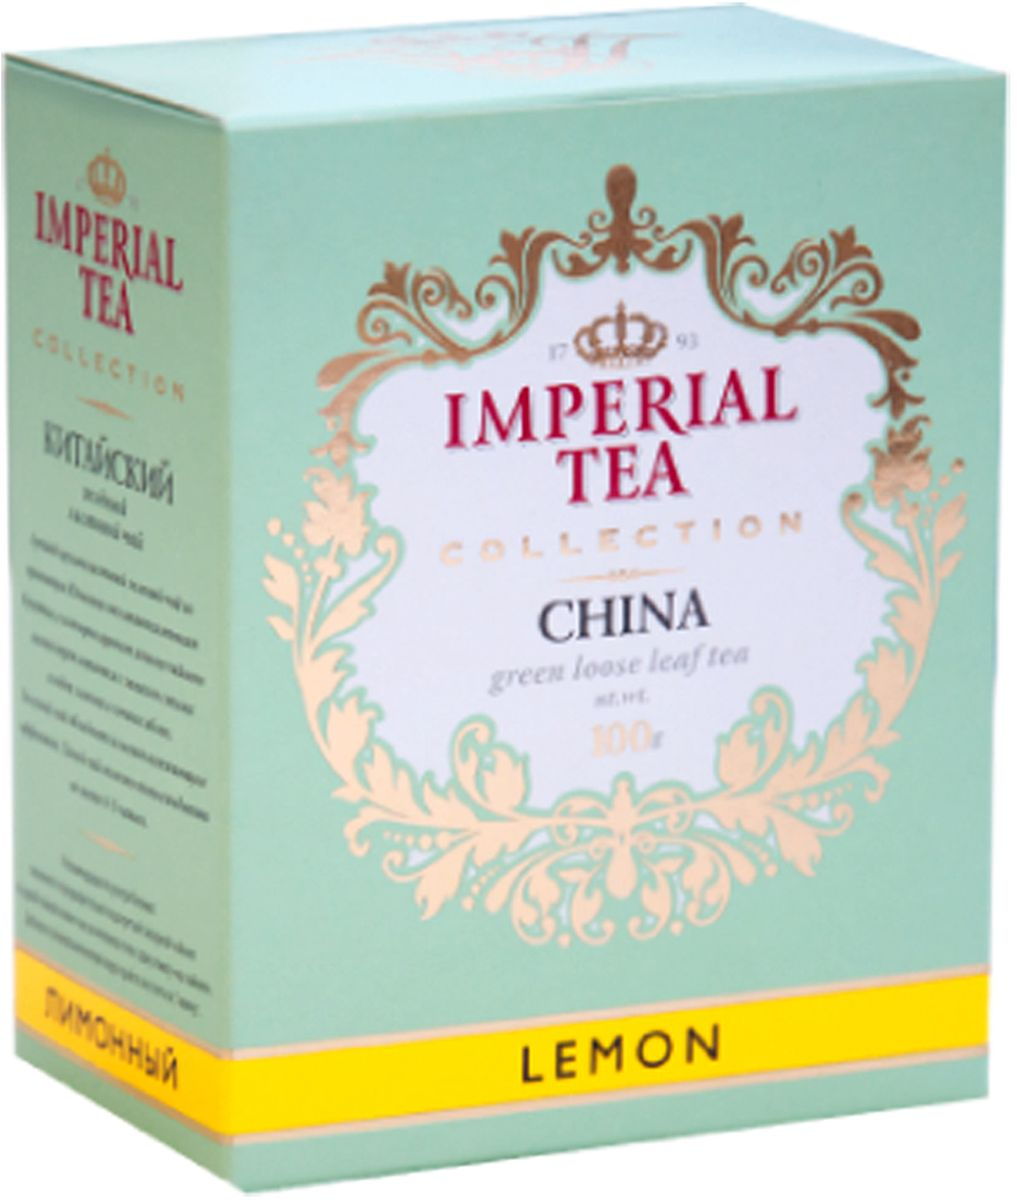 Императорский чай Collection Лимон, 100 г50-53Традиция пить чай с лимоном - исконно русская. Именно поэтому этот напиток во всём мире называют русским чаем. Лёгкая кислинка и утончённый аромат лимона отлично дополняют благородный вкус высококачественного индийского чая. Диетологи рекомендуют добавлять в такой чай ложку мёда. Подходит для вечернего чаепития.Всё о чае: сорта, факты, советы по выбору и употреблению. Статья OZON Гид